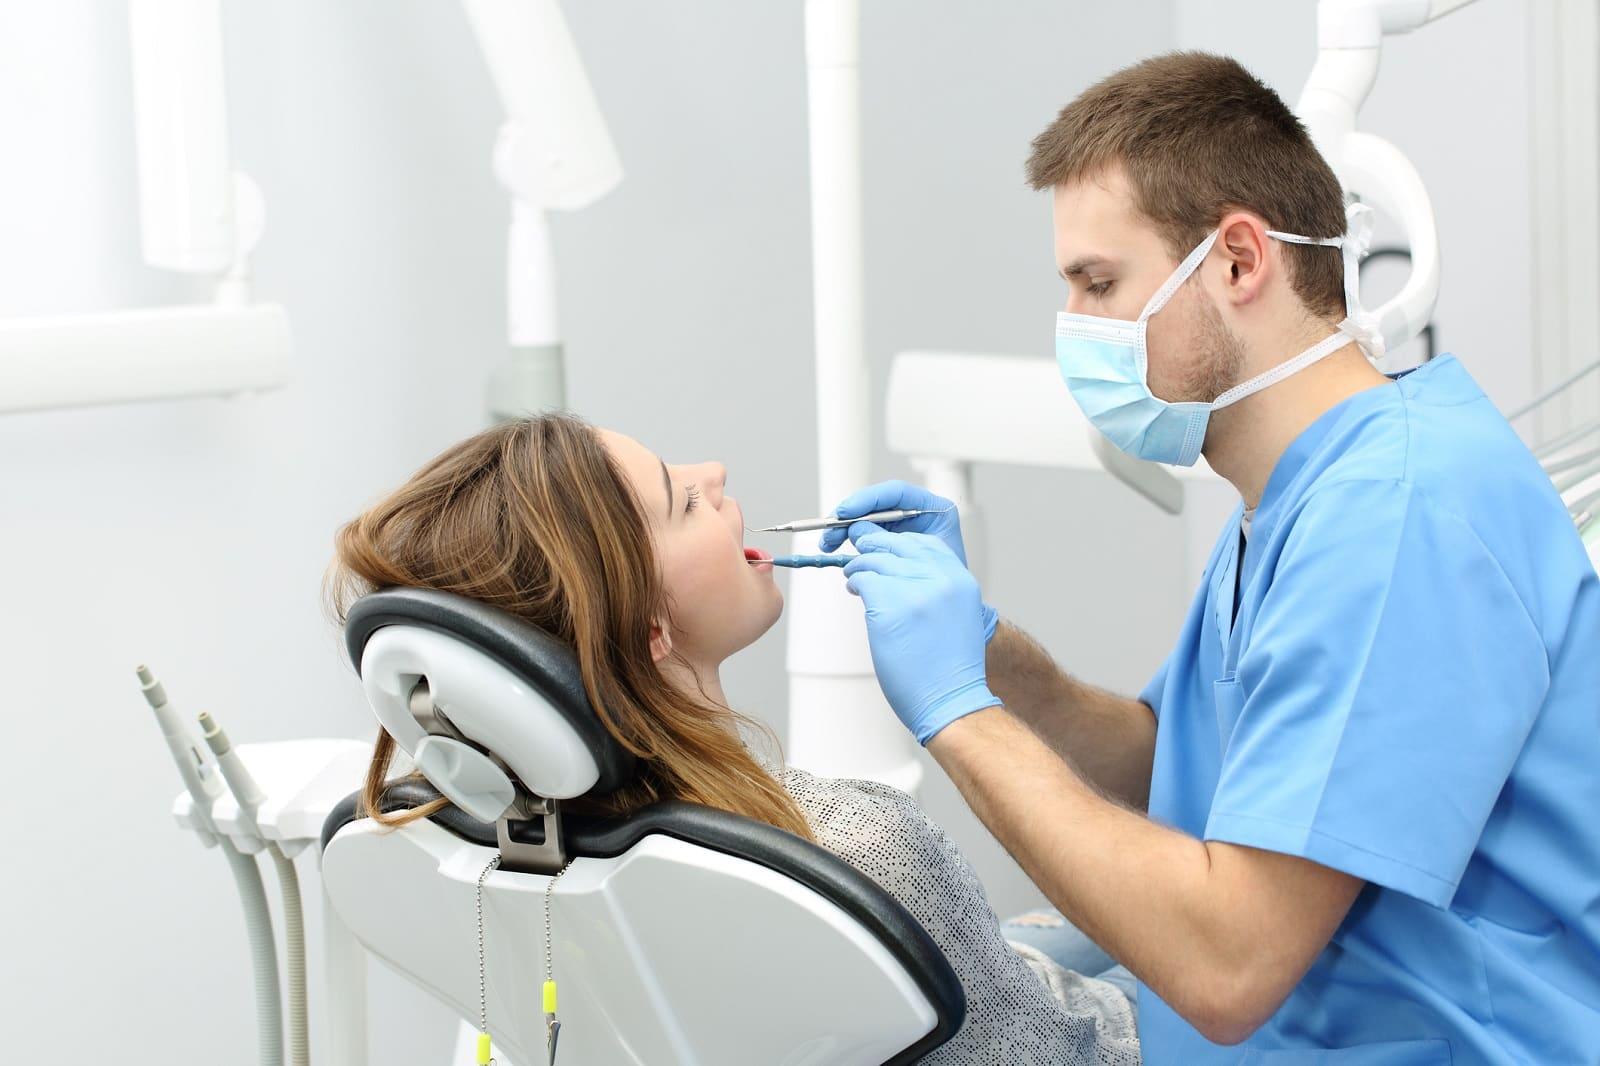 szczotkowania zębów